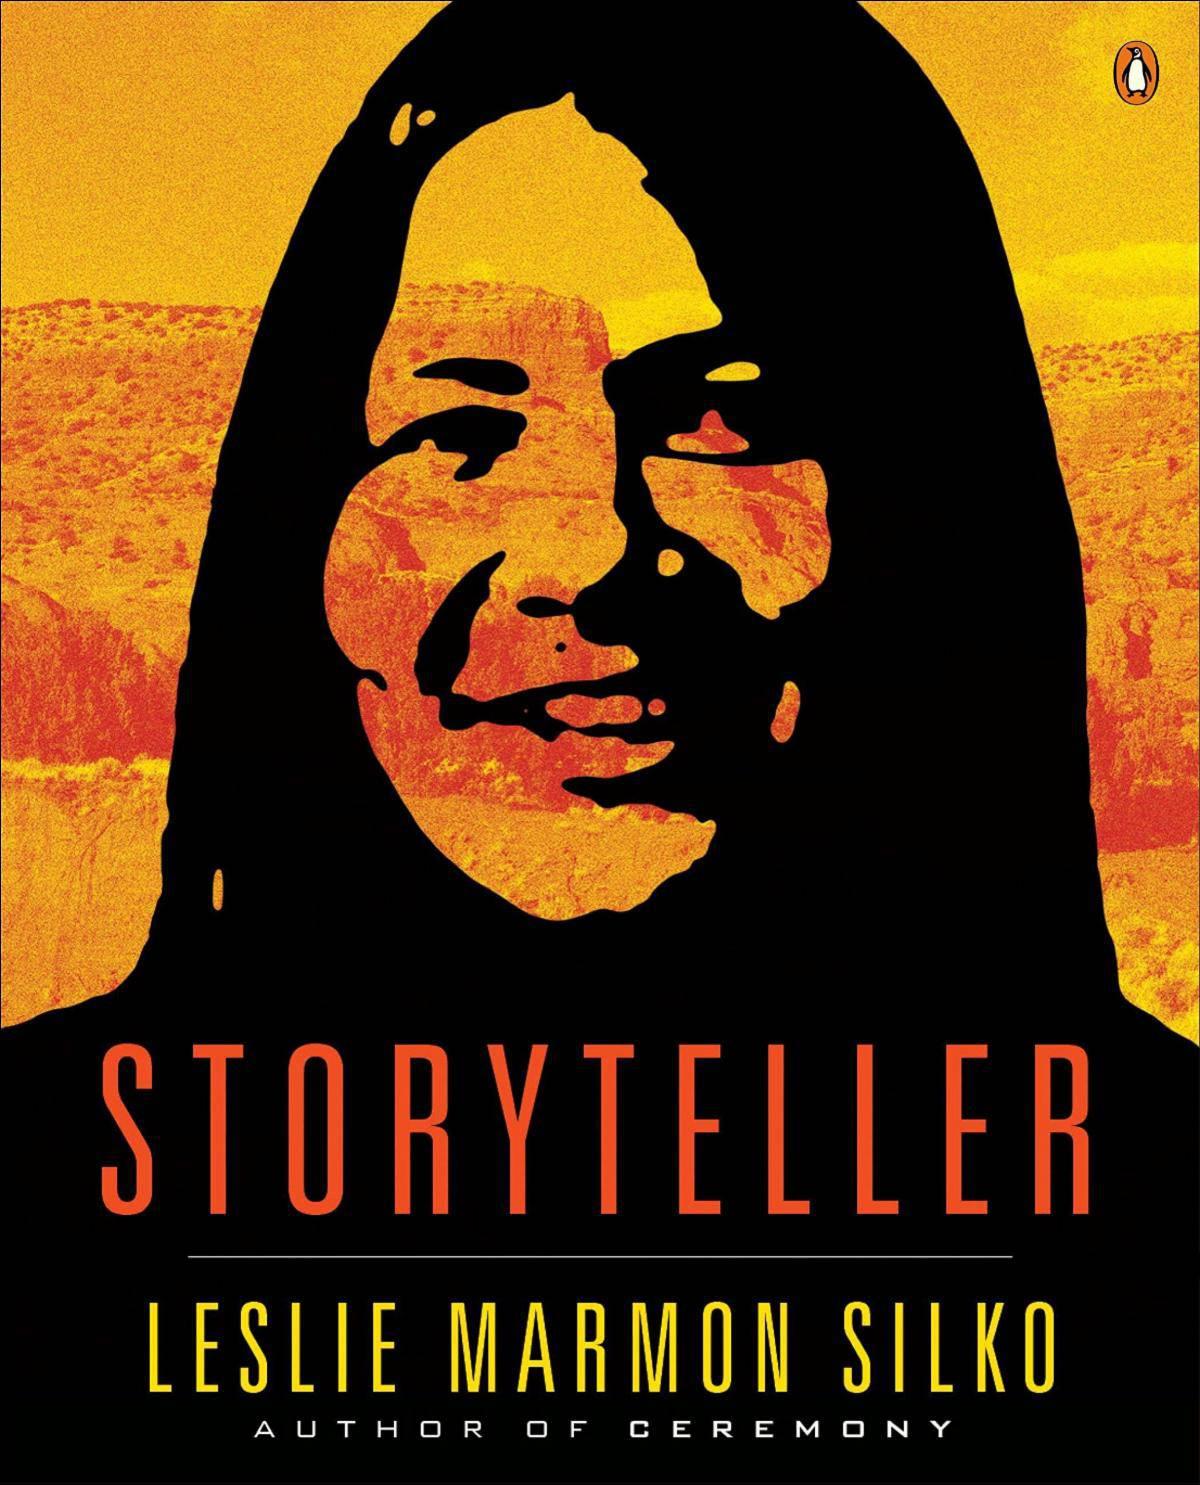 Leslie Marmon Silko — Storyteller